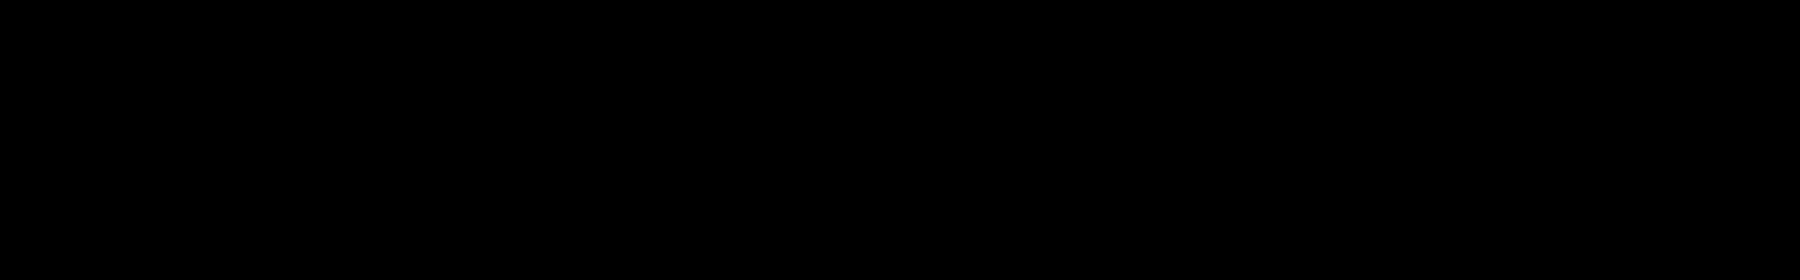 Tiller audio waveform